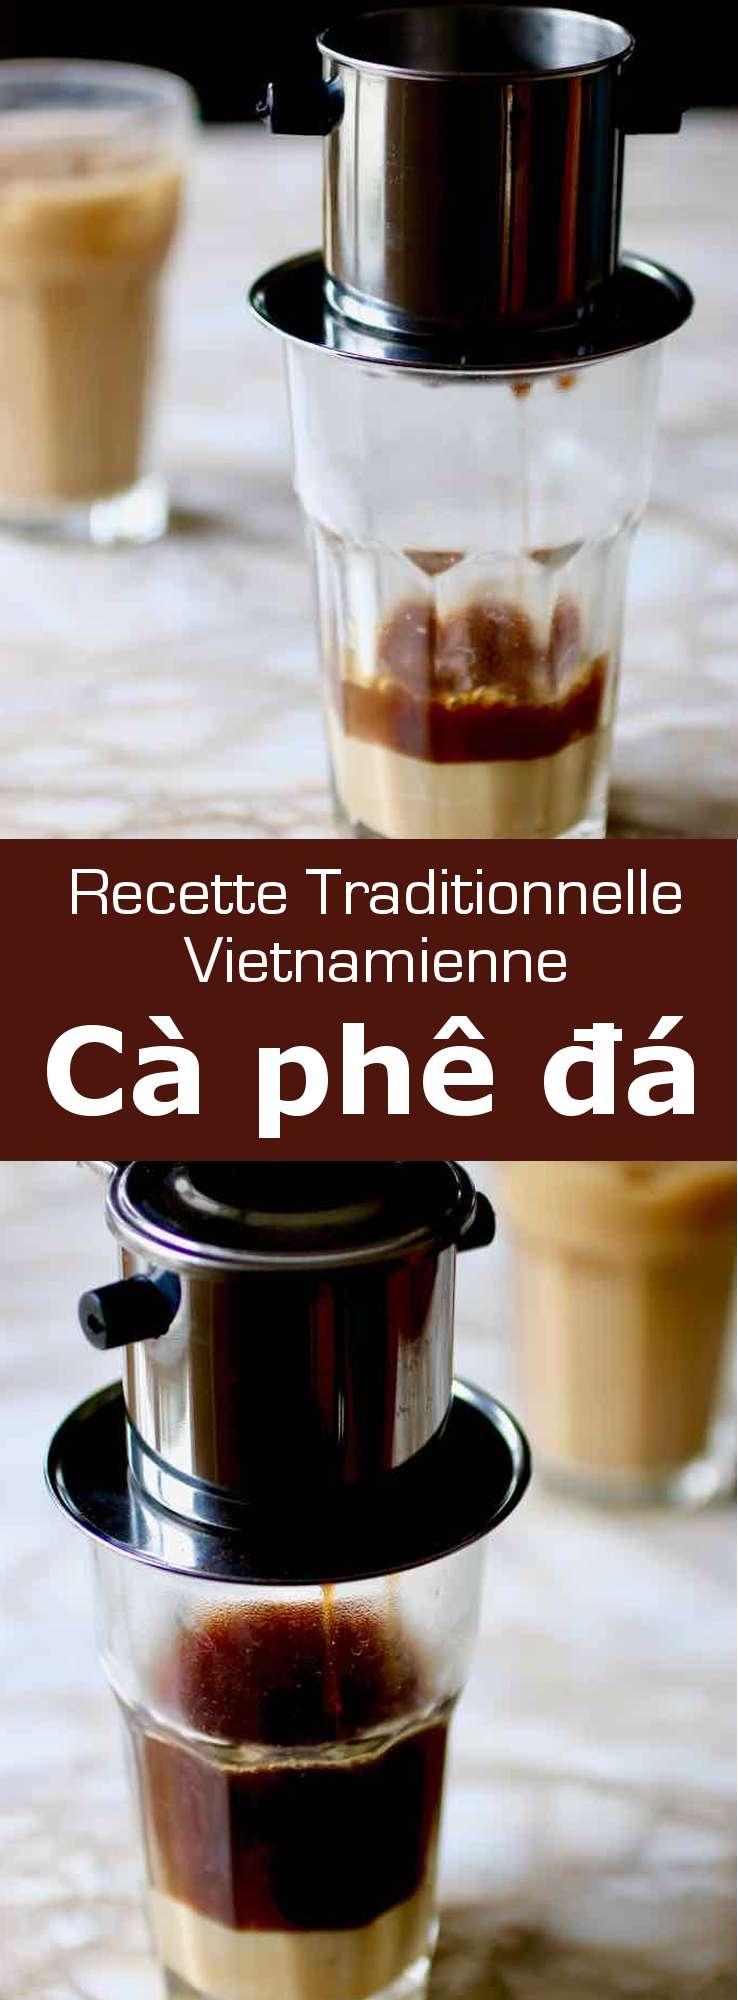 Le cà phê đá (café glacé vietnamien) est une boisson populaire vietnamienne qui est préparée avec du café filtré Robusta, versé sur des glaçons, qui est souvent adoucie avec du lait concentré sucré. #Vietnam #RecetteVietnamienne #BoissonVietnamienne #CuisineVietnamienne #CuisineAsiatique #RecetteAsiatique #CuisineDuMonde #196flavors